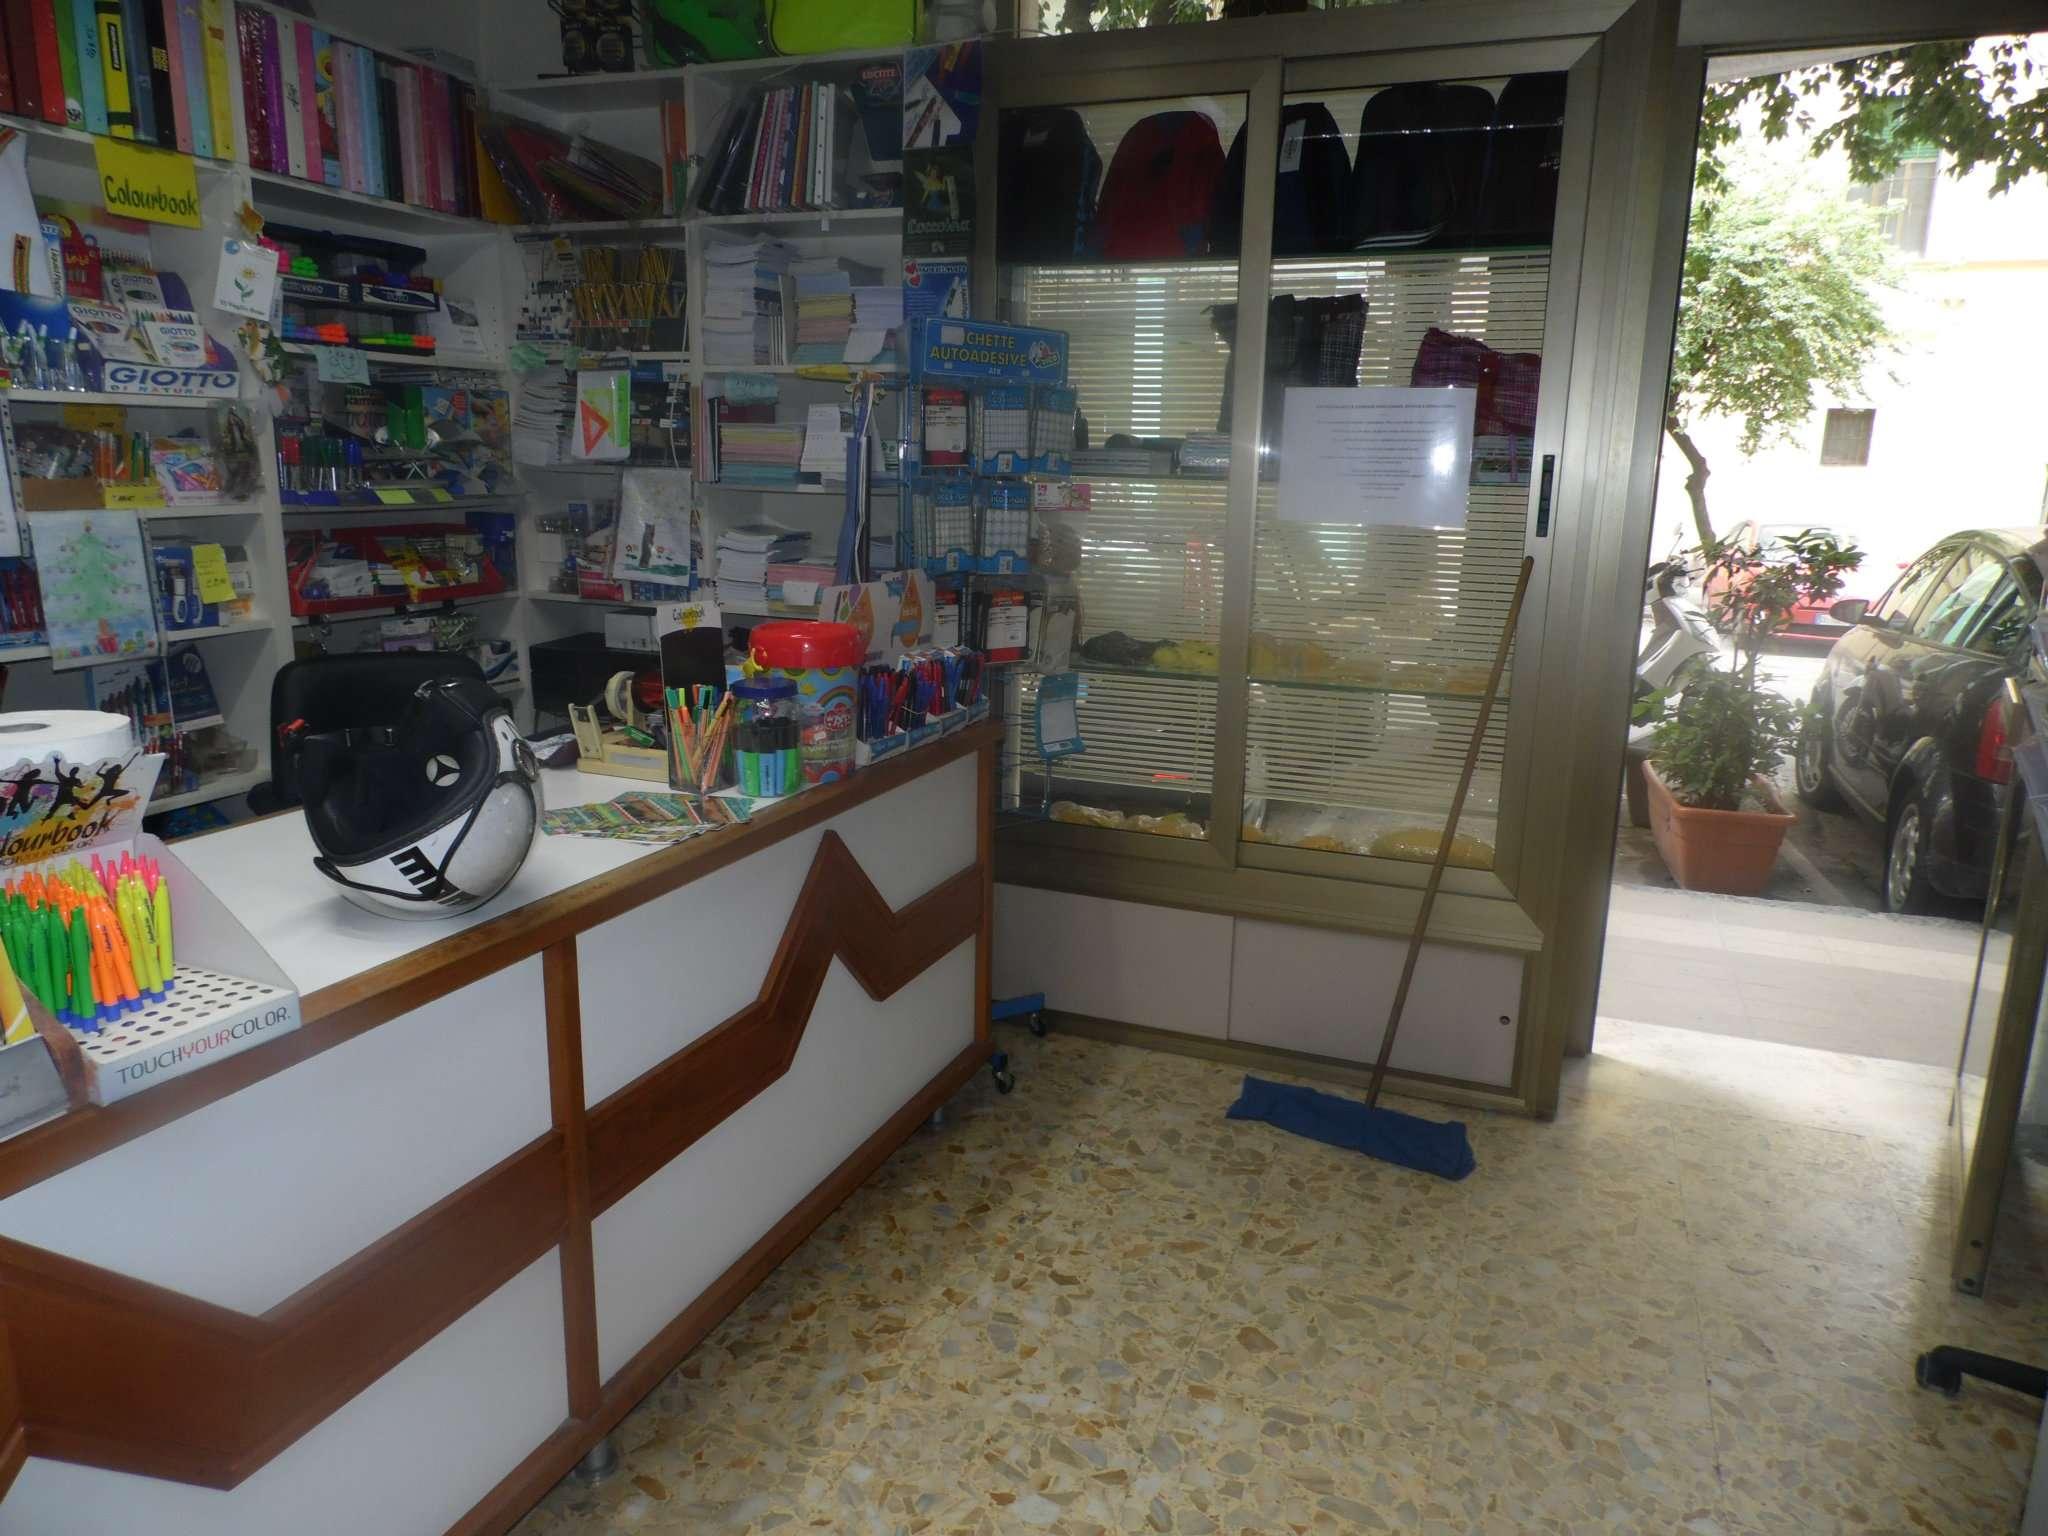 Magazzino in vendita a Castellammare di Stabia, 1 locali, prezzo € 120.000 | CambioCasa.it